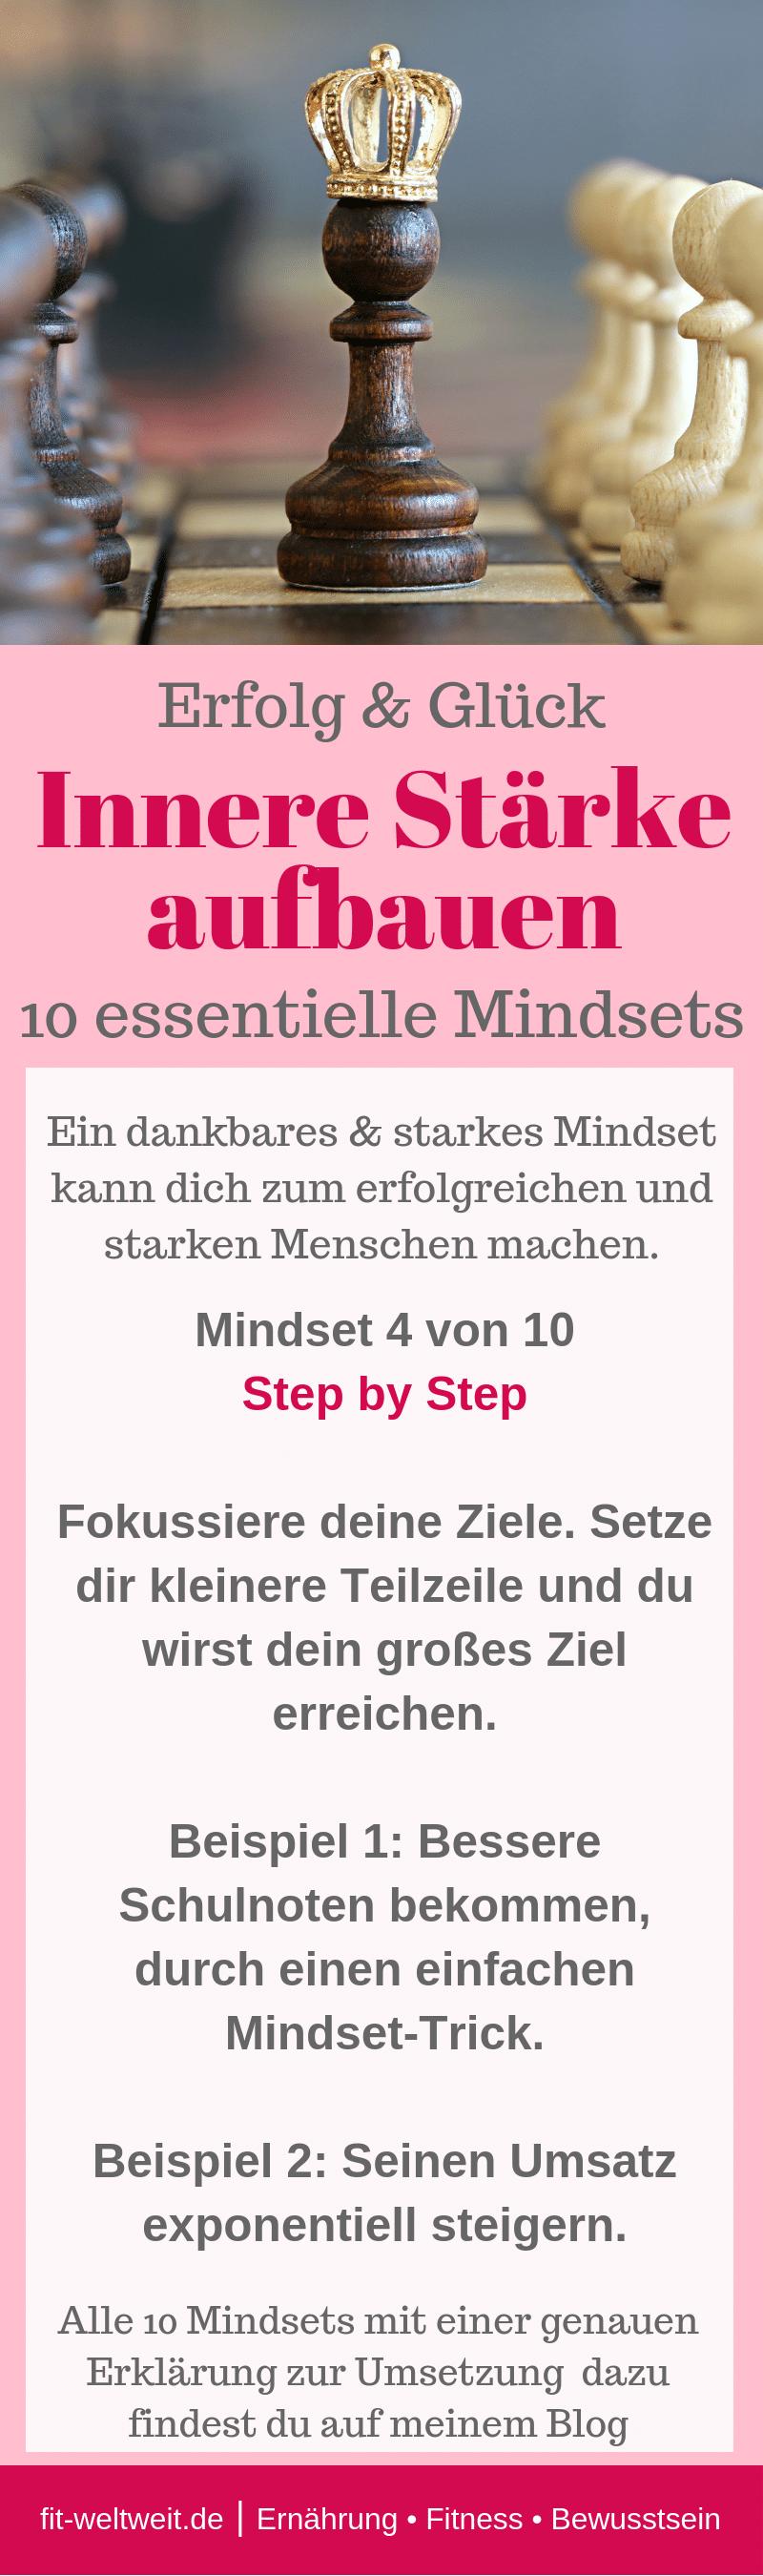 MINDSET STÄRKEN und #MINDSET ÄNDERN #SELBSTVERTRAUEN AUFBAUEN für #Erfolg und #Glück:Innere Stärke aufbauen mit einem veränderten Mindset. 10 essentielle Mindsets. Ein dankbares & starkes Mindsetkann dich zum erfolgreichen und starken Menschen machen.Mindset 4 von 10:Step by Step:Fokussiere deine Ziele.Beispiel 1: Bessere Schulnoten bekommen.Beispiel 2: Seinen Umsatz exponentiell steigern.Alle 10 Mindsets mit einer genauen Erklärung zur Umsetzungfindest du auf meinem Blog #fitweltweit